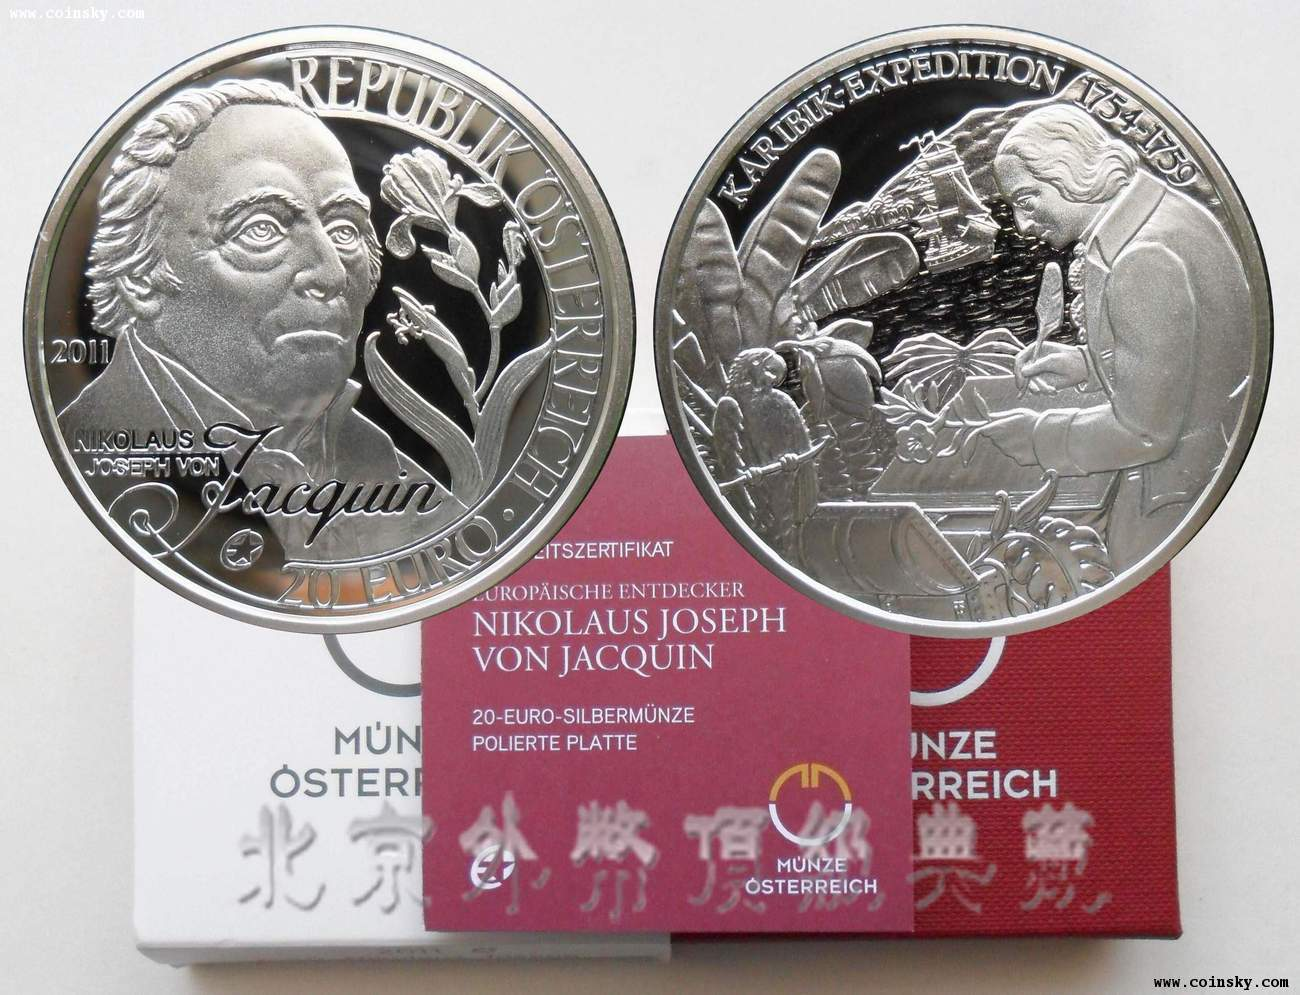 [已售] 奥地利2011年科学家雅克恩20欧元精制纪念银币图片